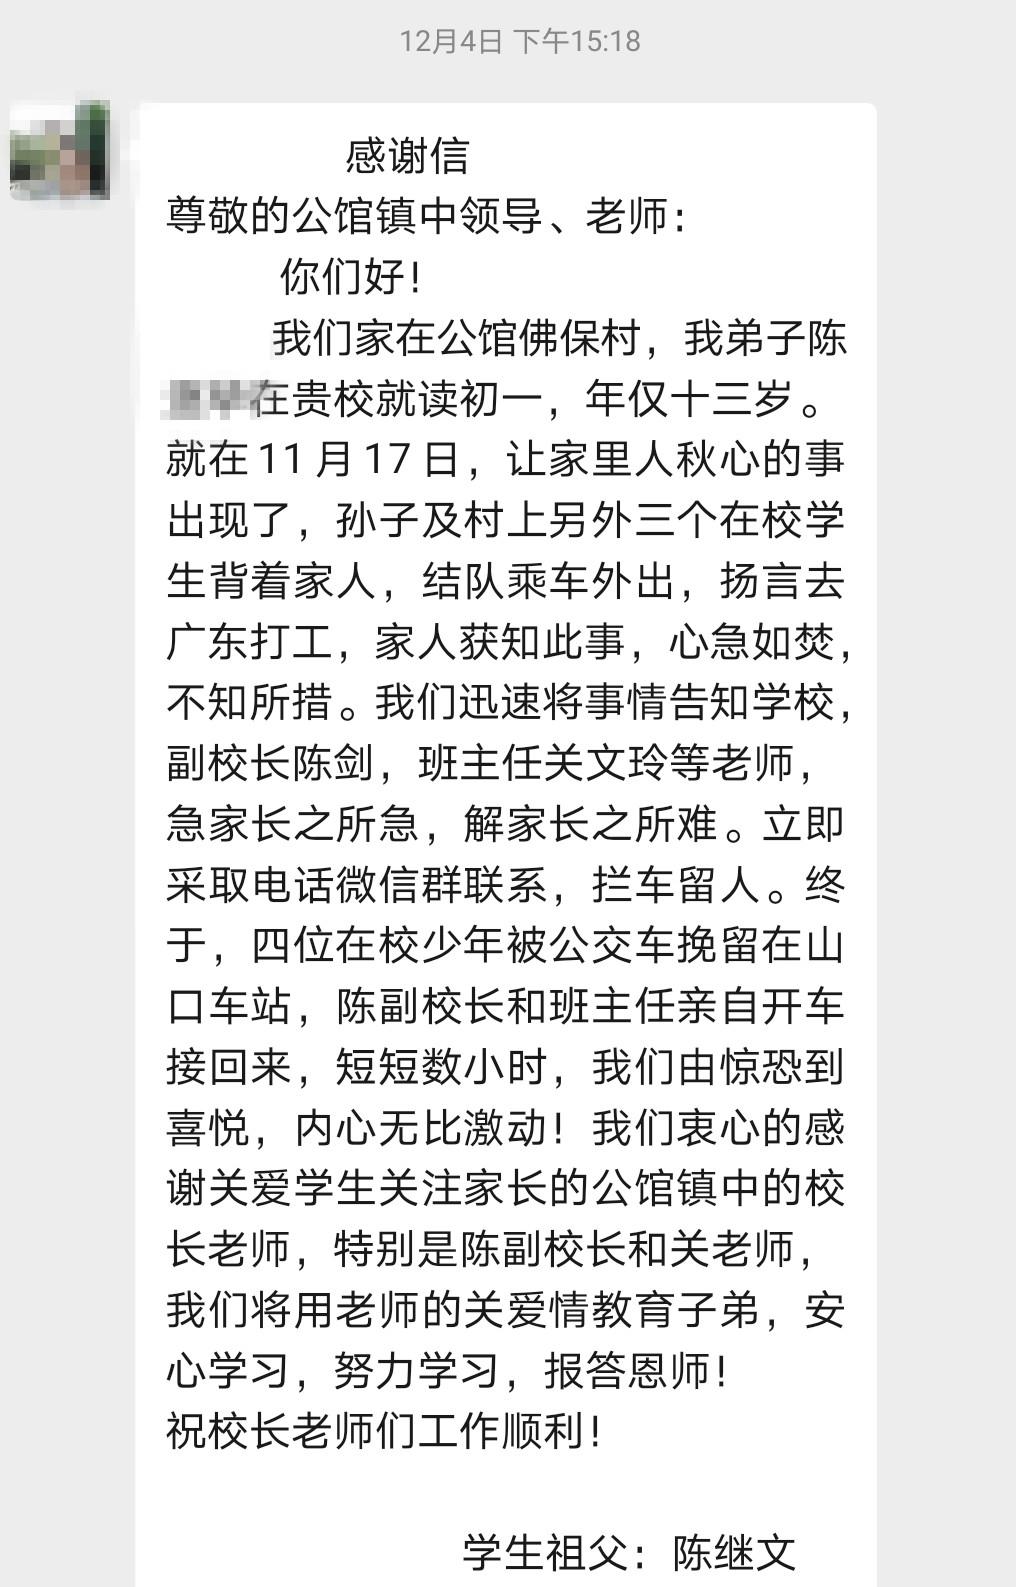 广西合浦:一封《感谢信》让这个冬季暖暖的